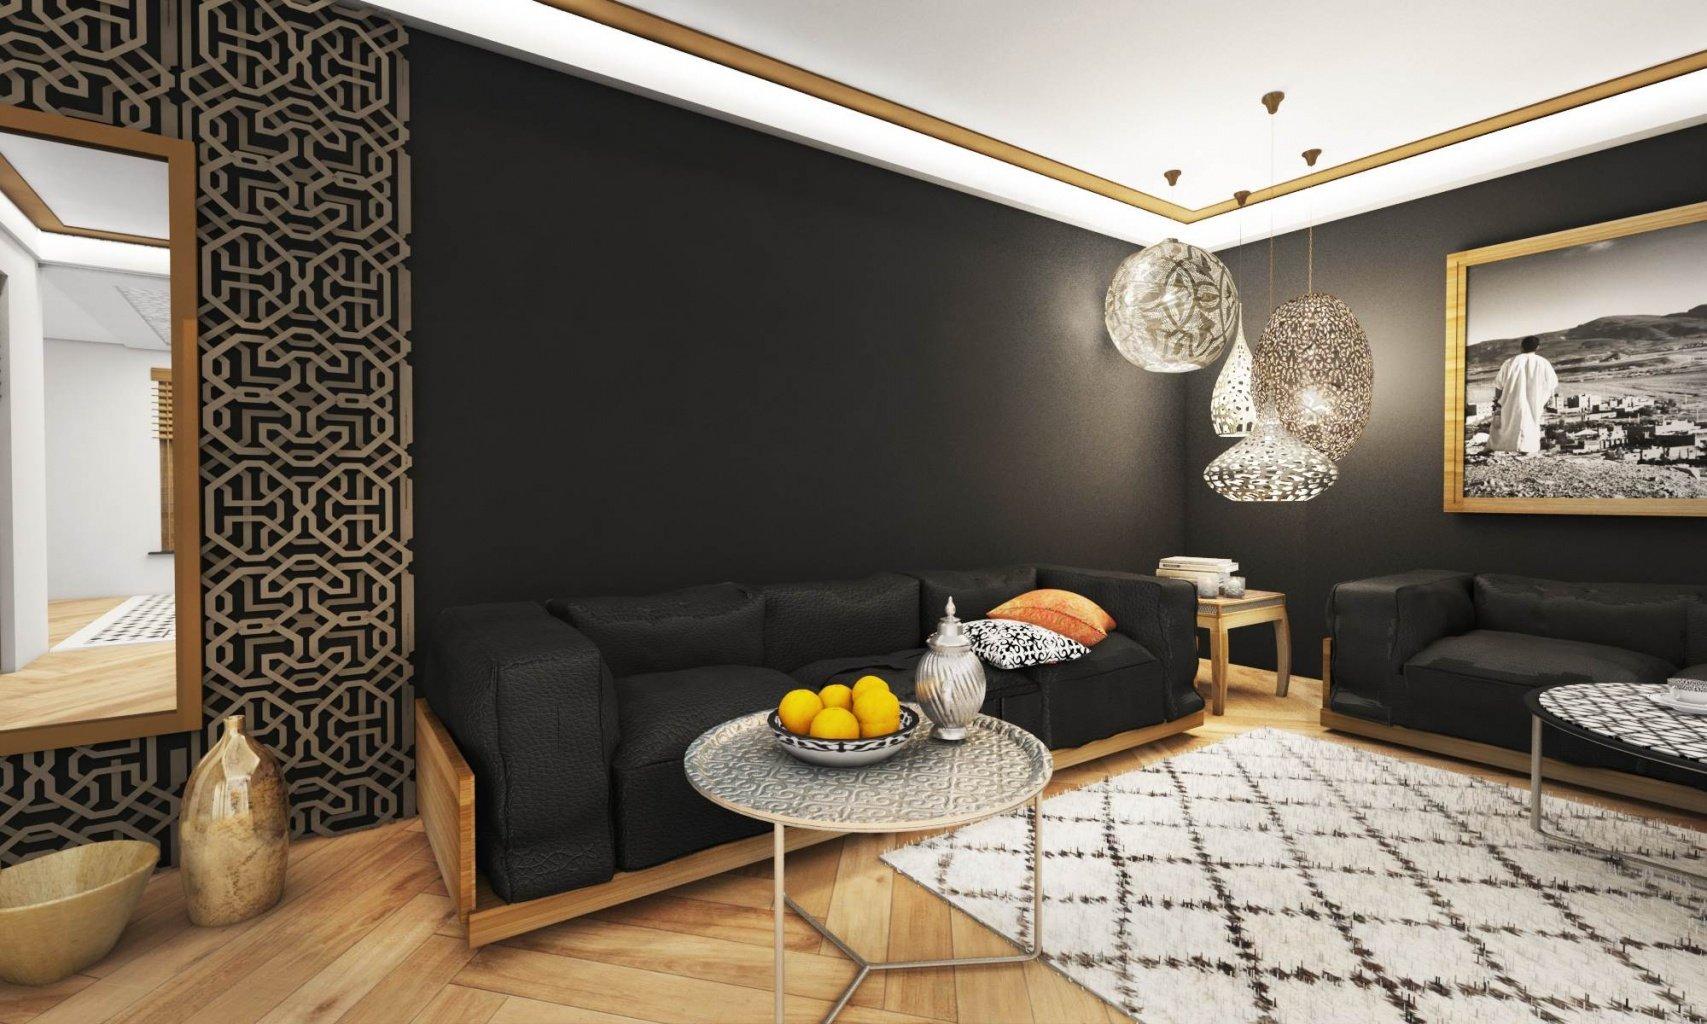 Proejkt wnętrz w stylu Marokńskim Śródziemnomorskim  z elementami Etno - Design